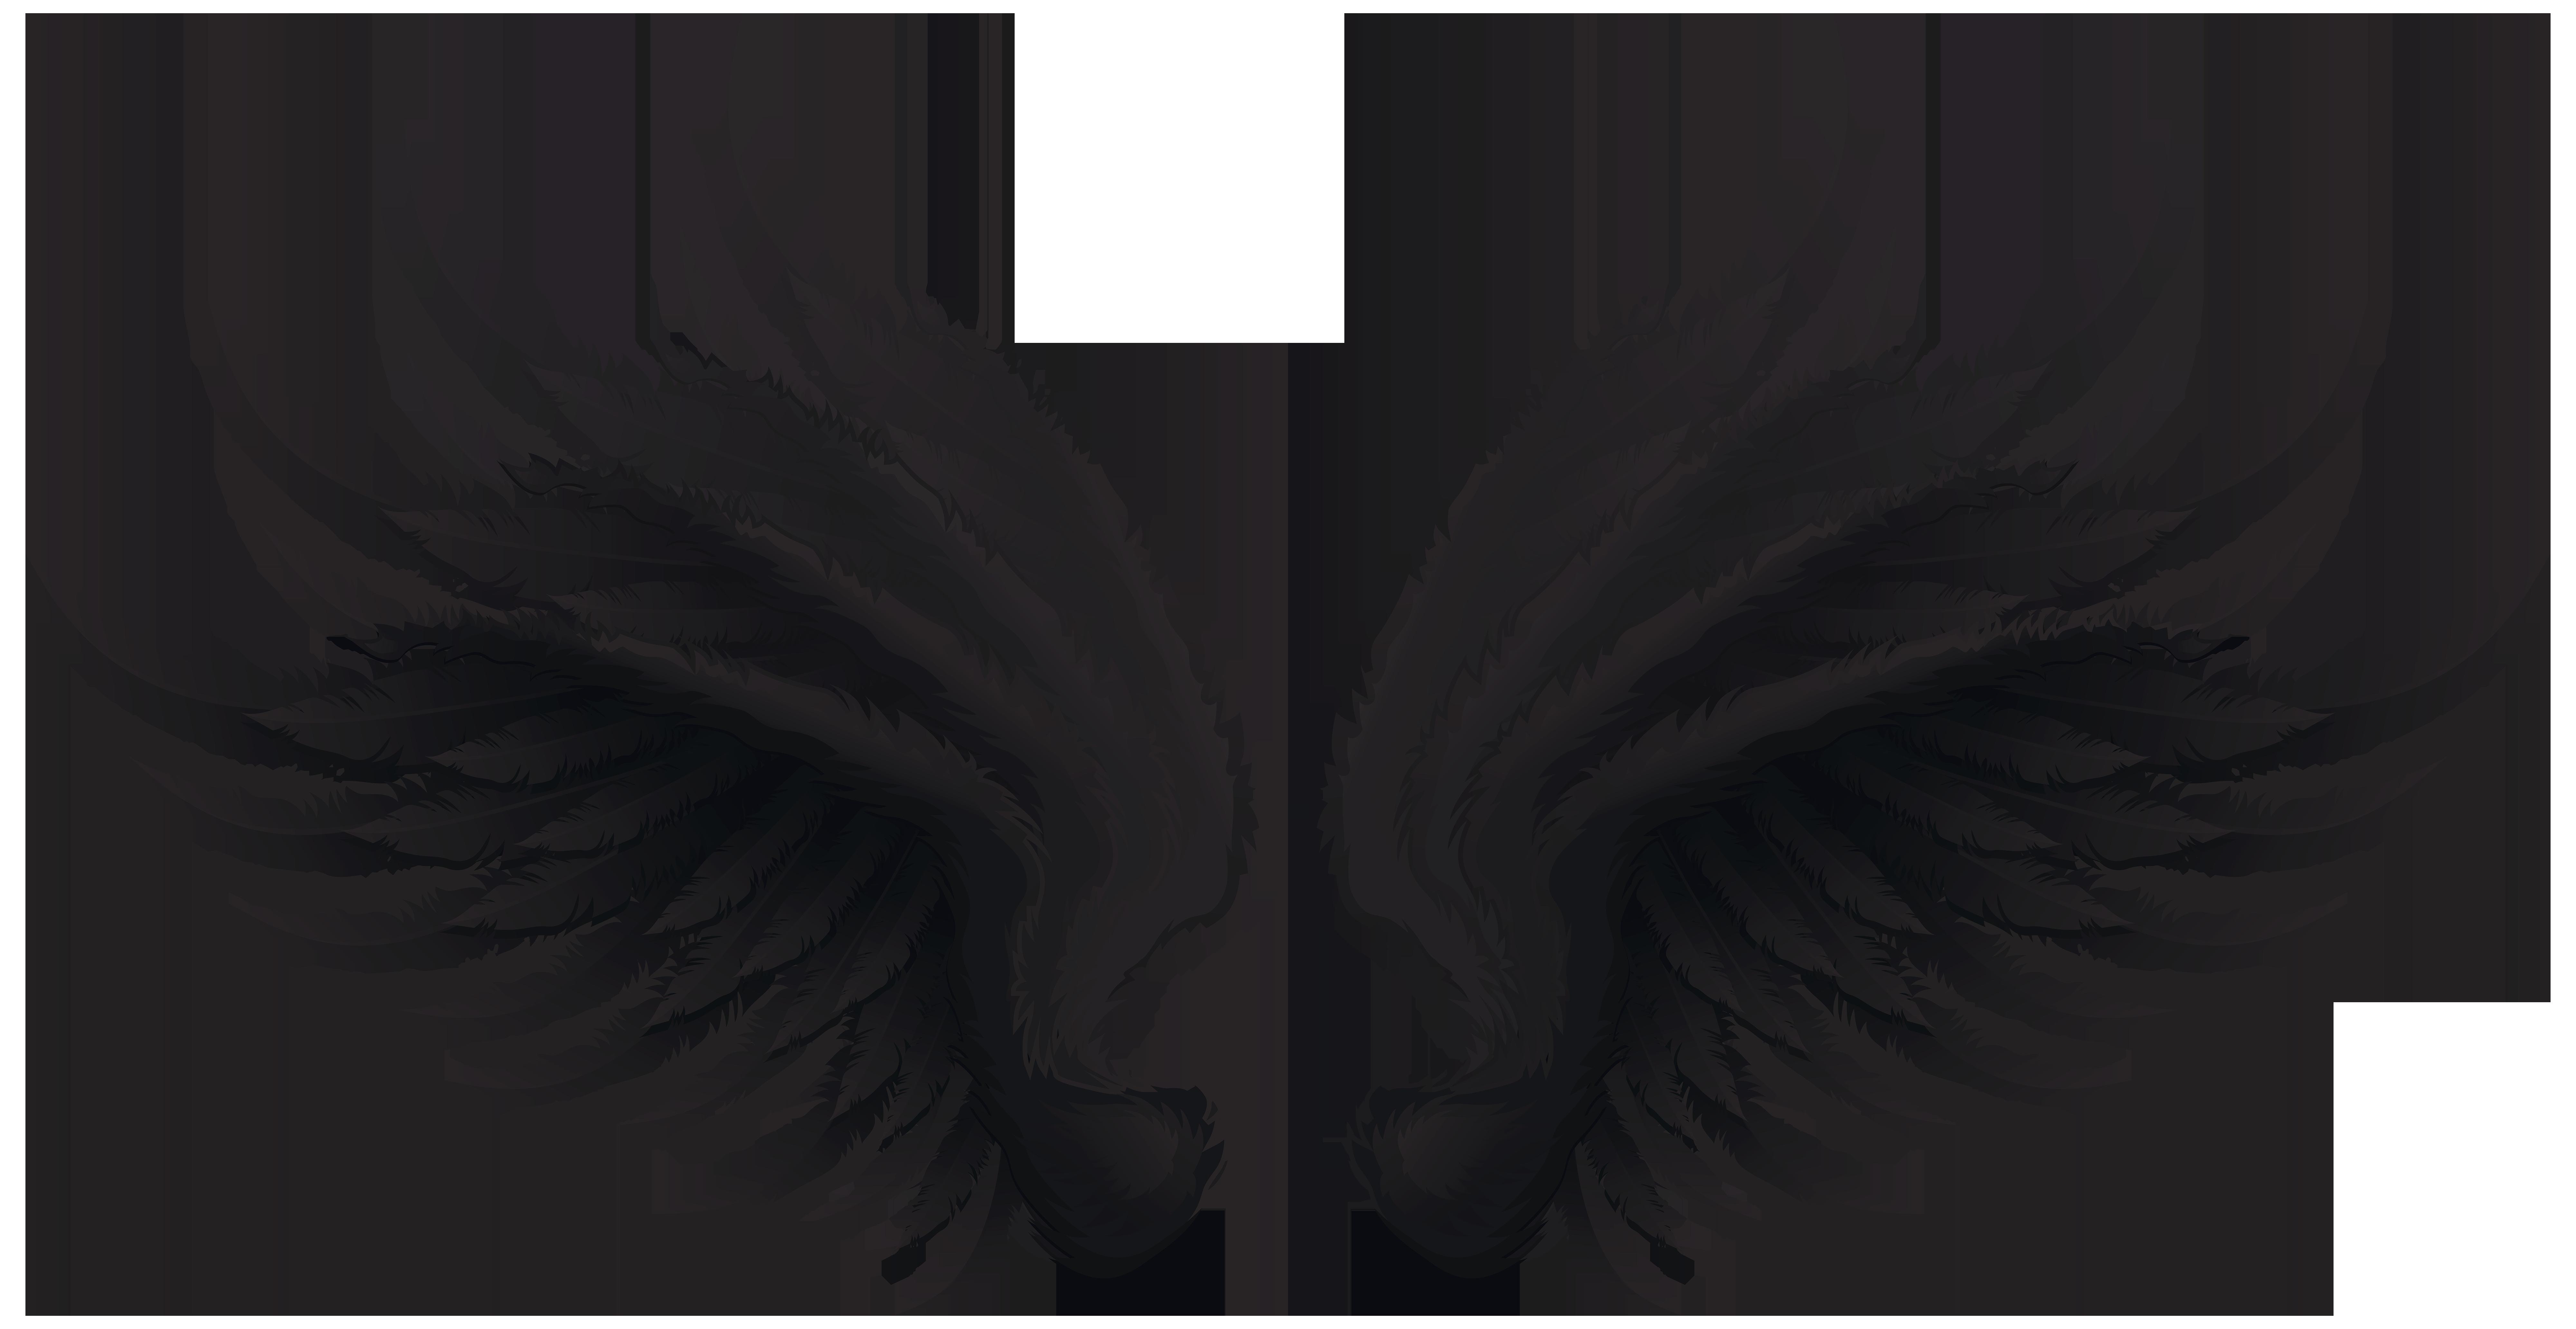 Phoenix clipart phoenix wing, Picture #1875629 phoenix.